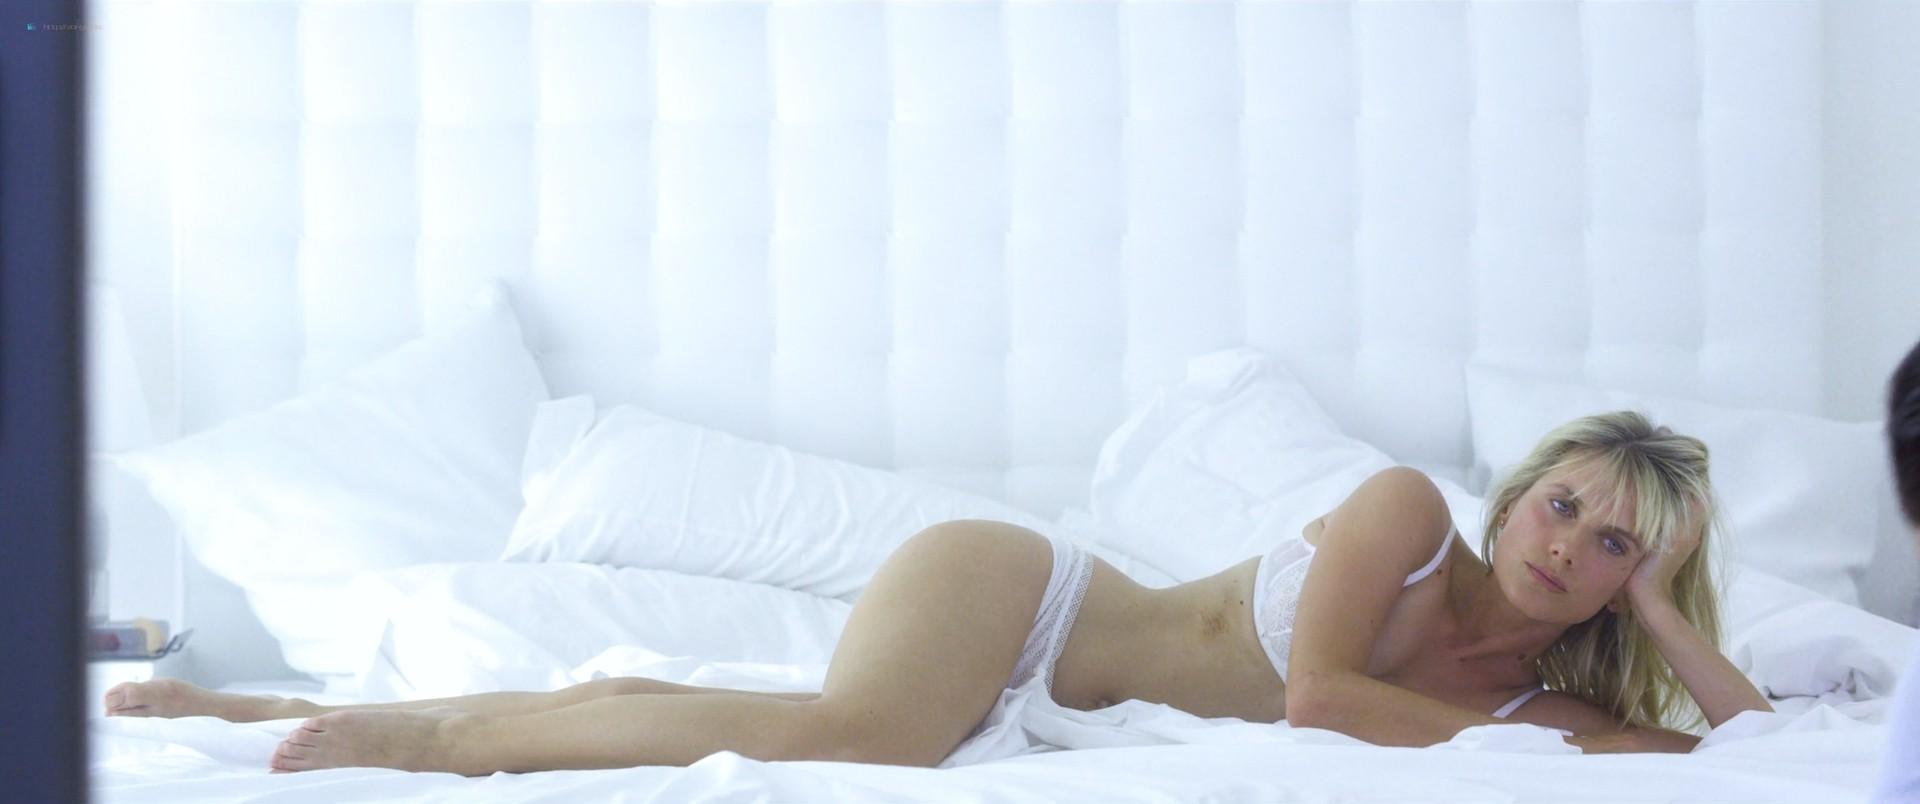 Adria Arjona hot and sex Melanie Laurent hot sex too - 6 Underground (2019) HD 1080p WEB (7)